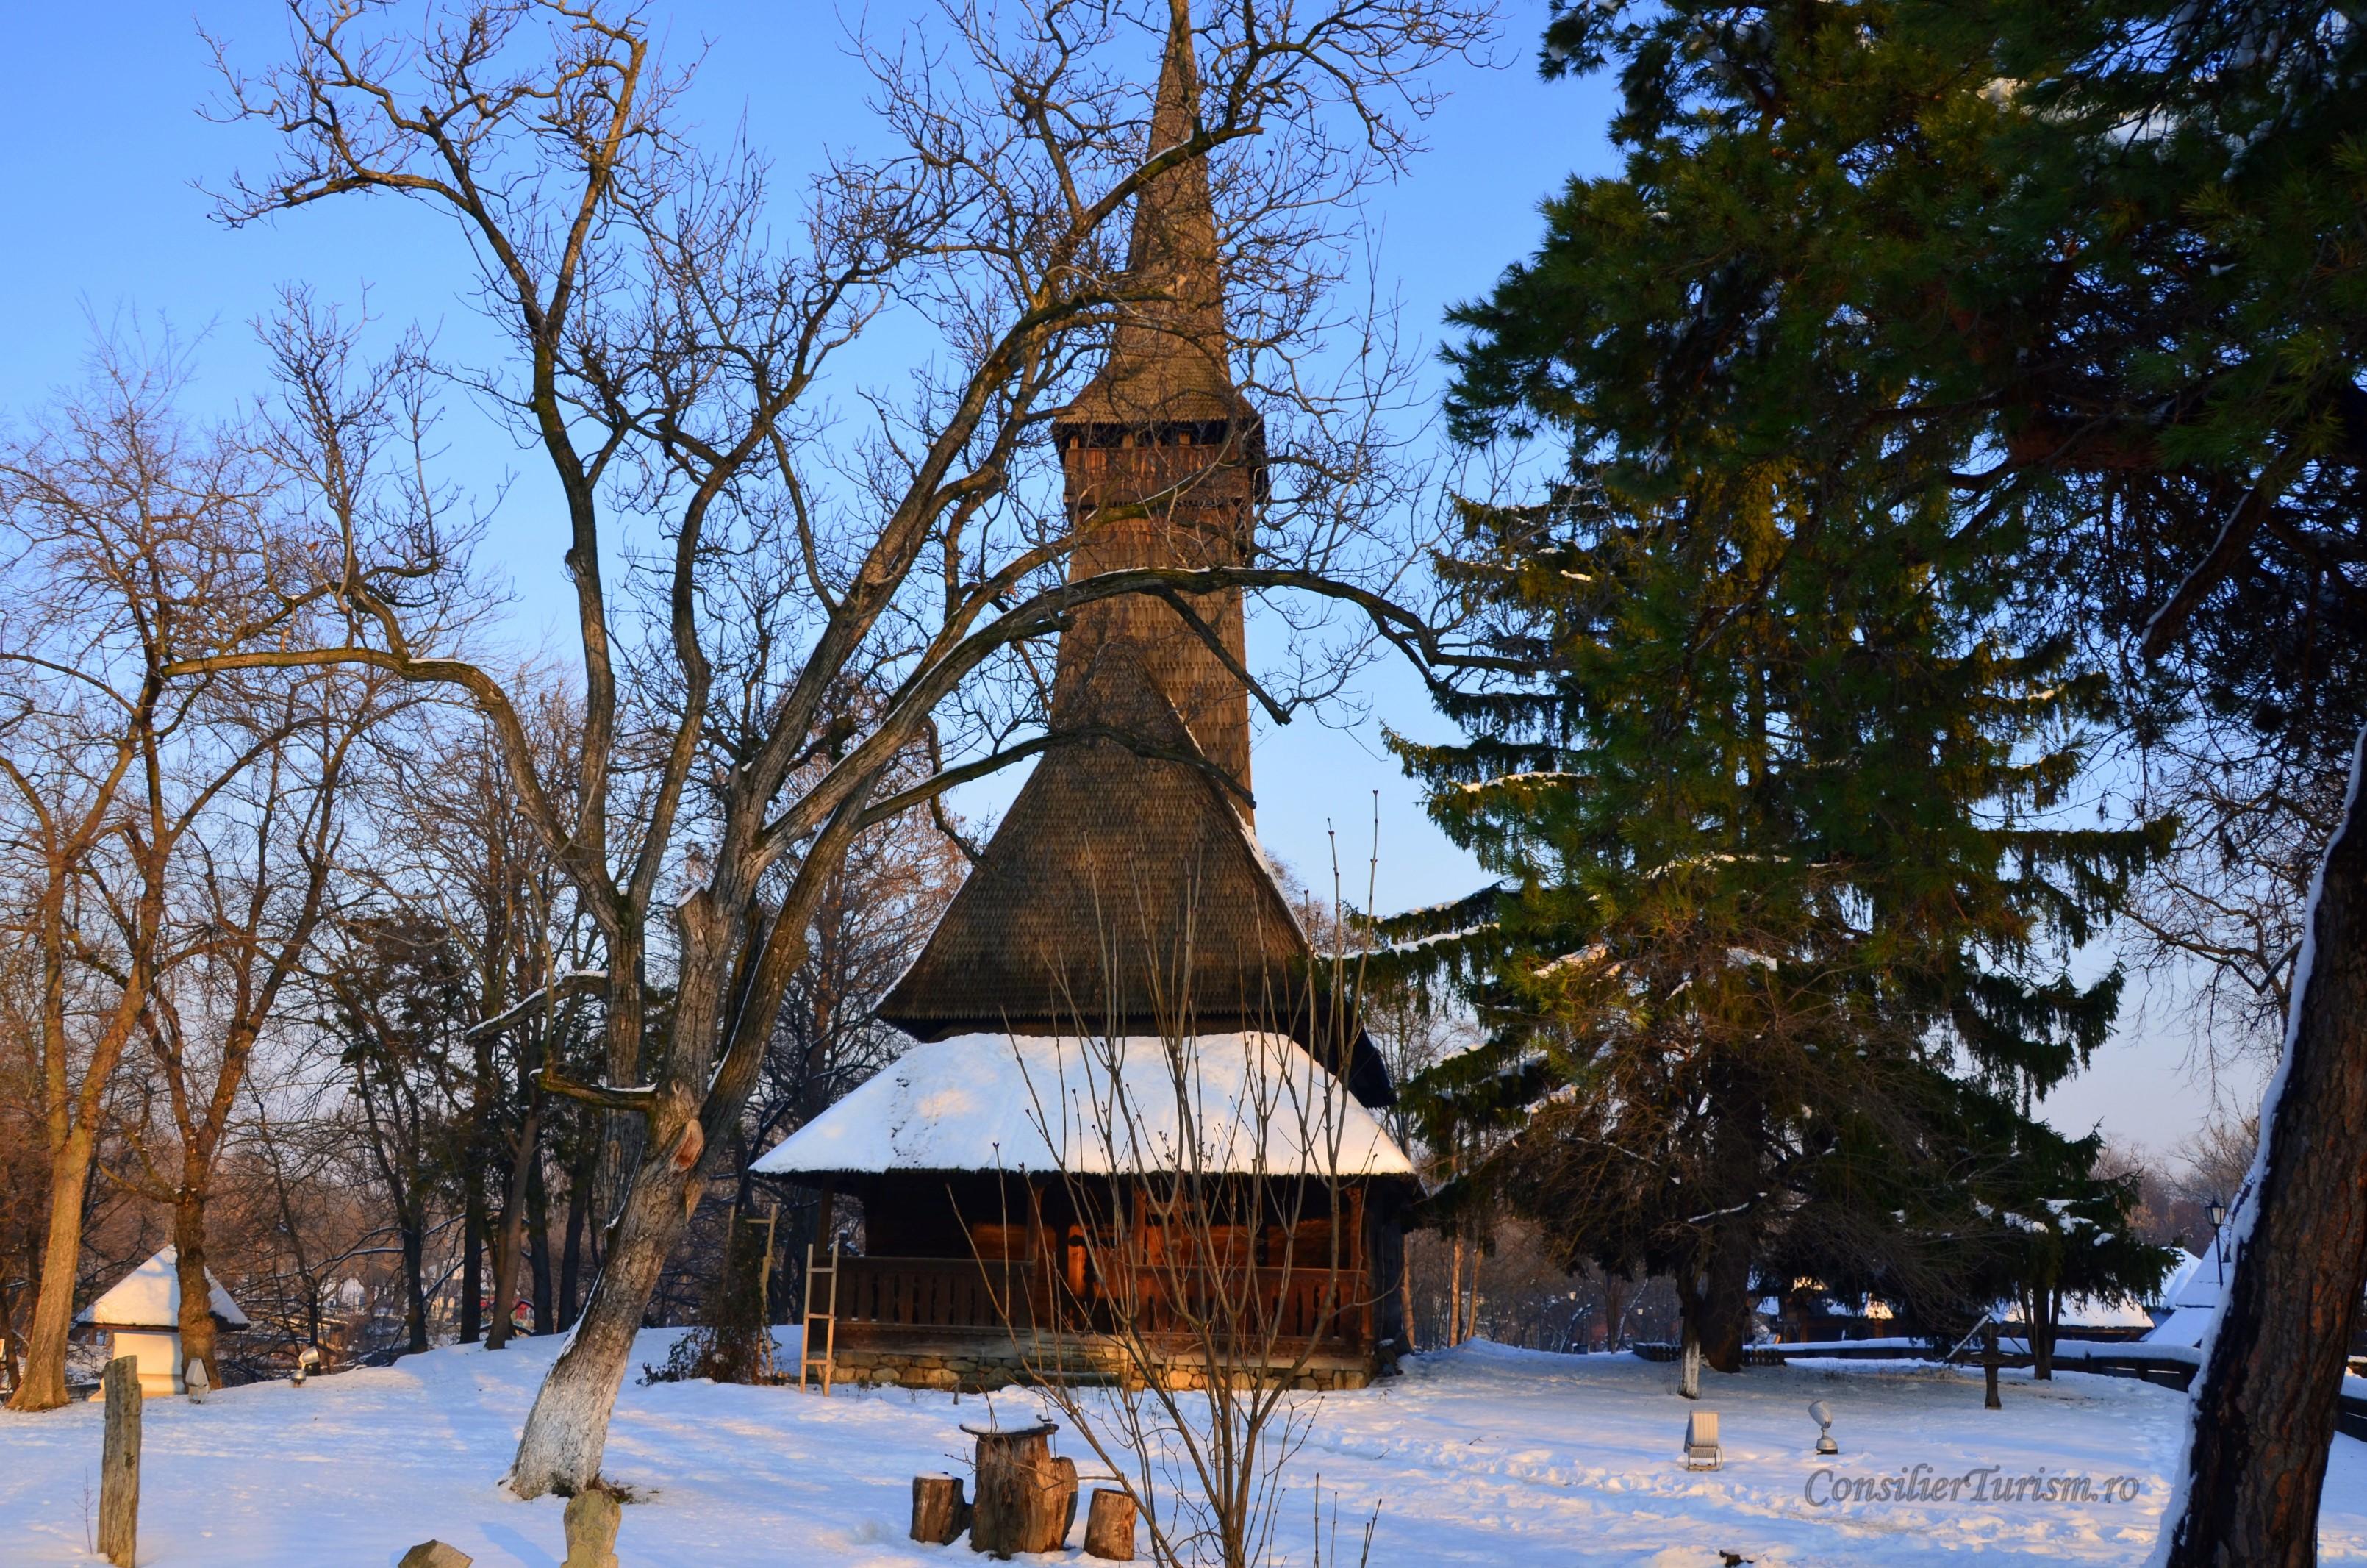 biserica dragomirna muzeul satului